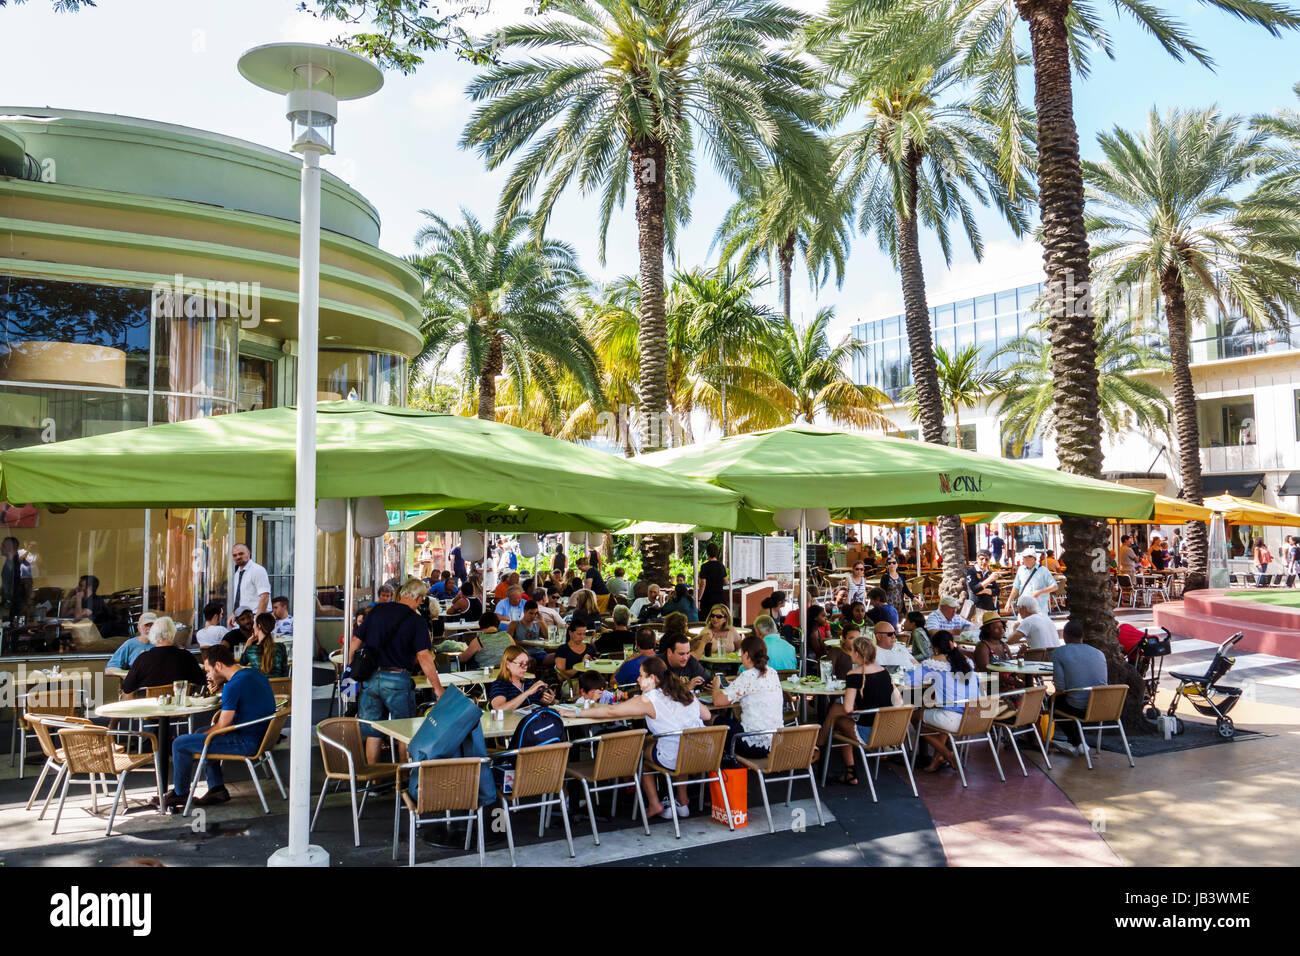 Florida, Florida, Sud, Miami Beach, Lincoln Road, centro commerciale pedonale, NeXXt Cafe, ristorante ristoranti, Foto Stock